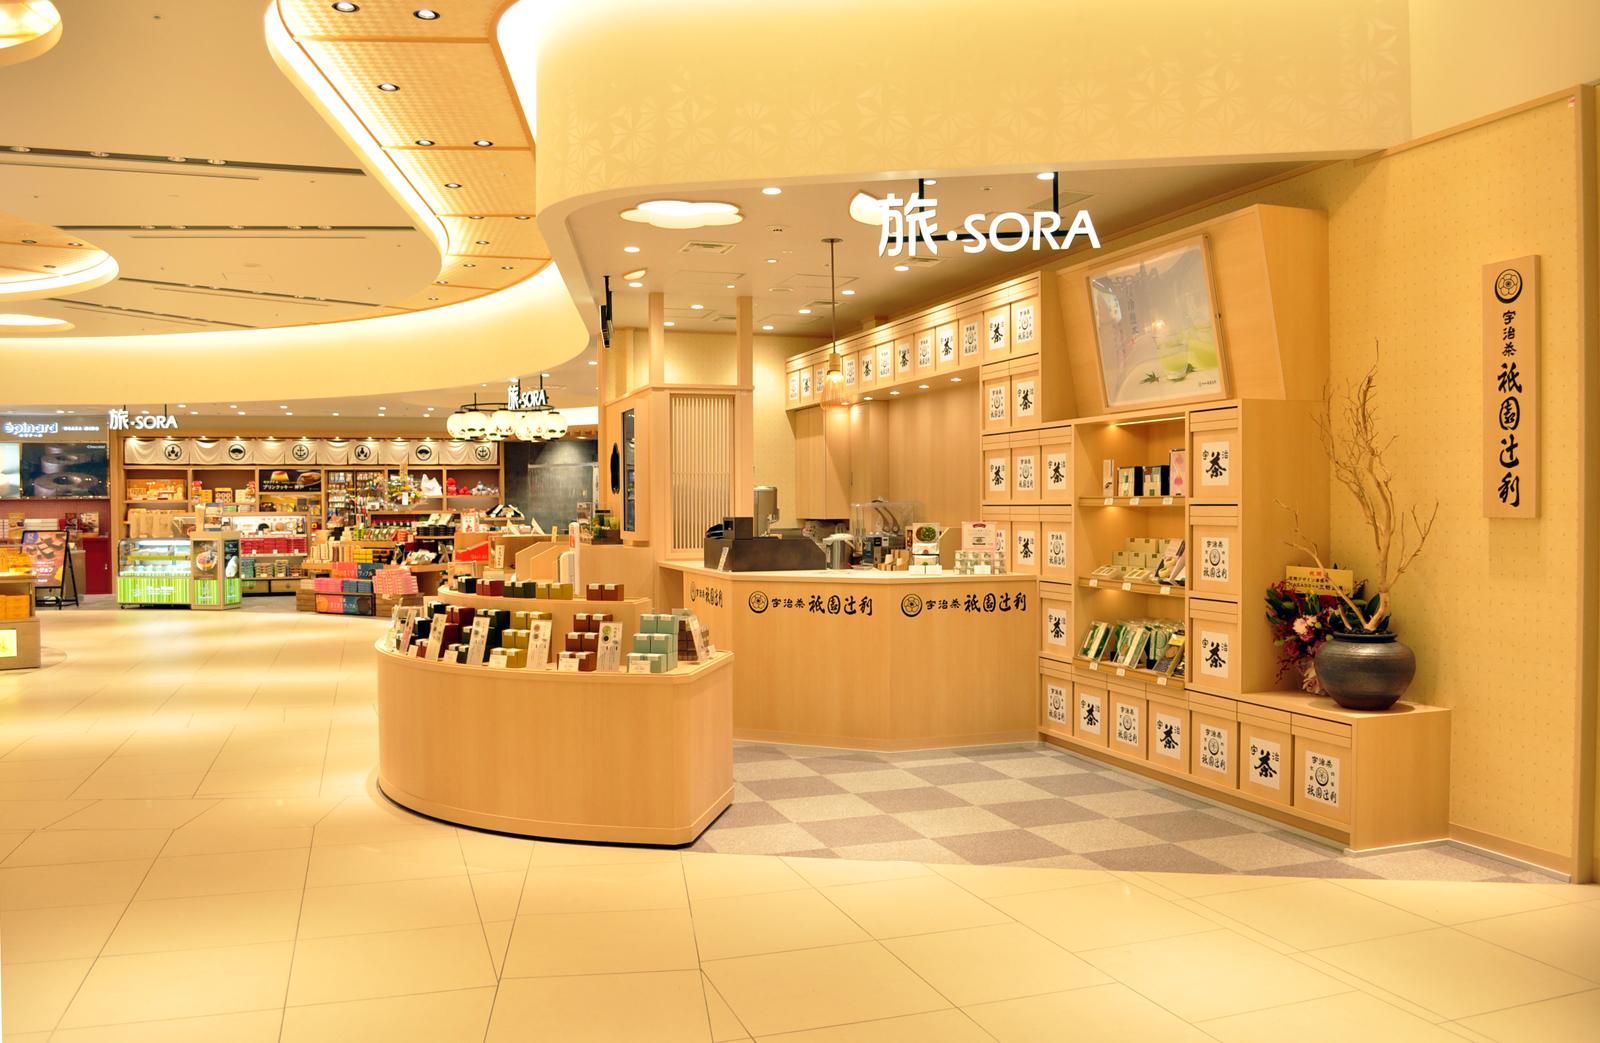 土産店 旅・SORA